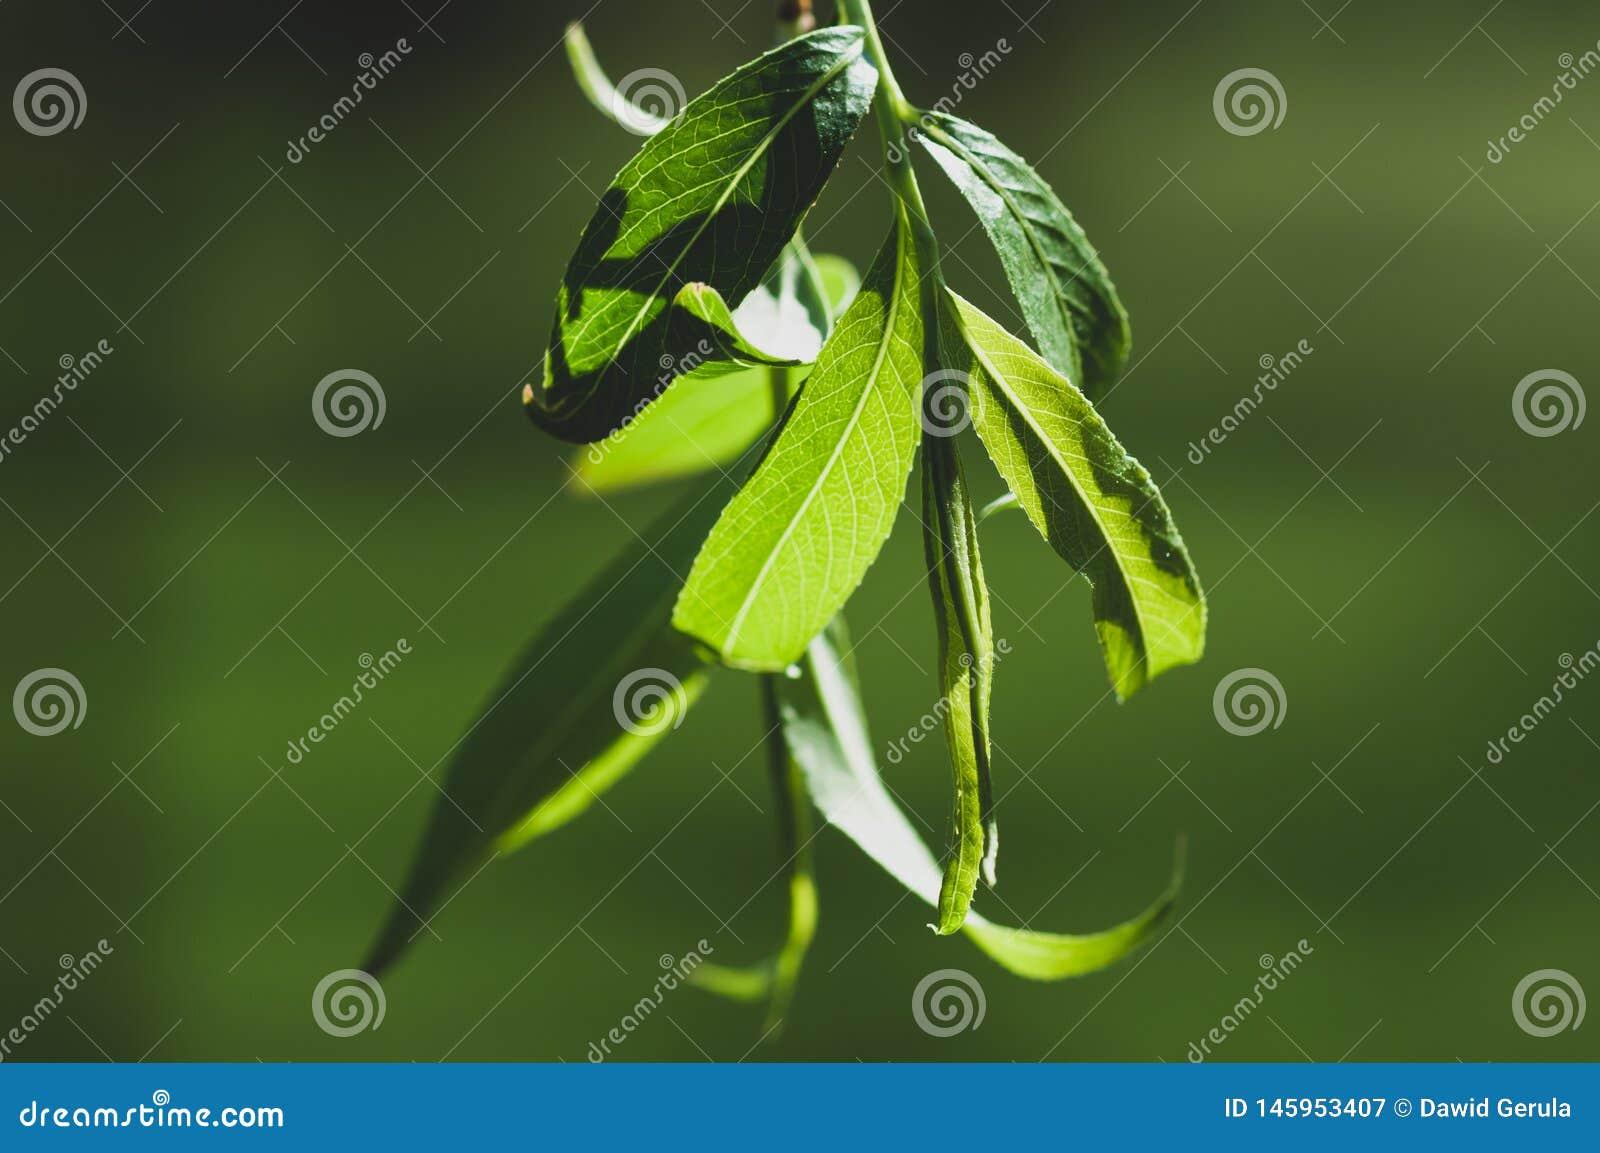 Makro von Weidenblättern während des Frühlinges hob durch die Sonne im Mittag, mit starkem grünem bokeh im Hintergrund hervor